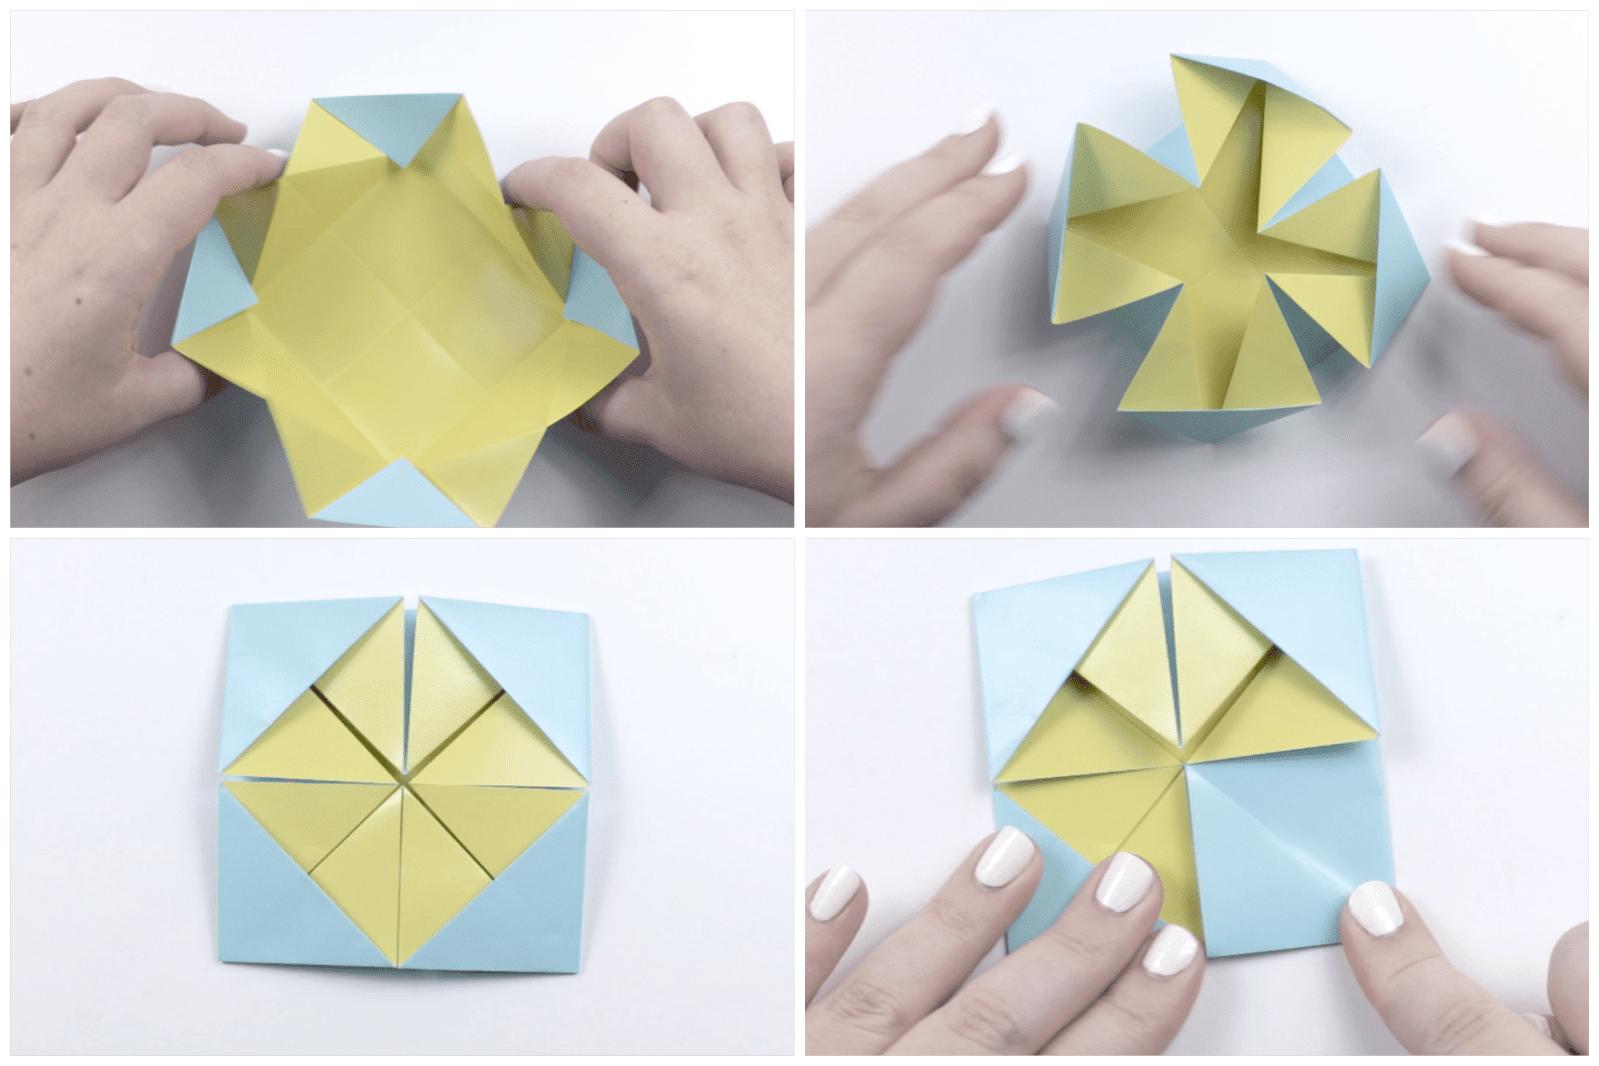 Origami Quilt Artwork Tutorial 03